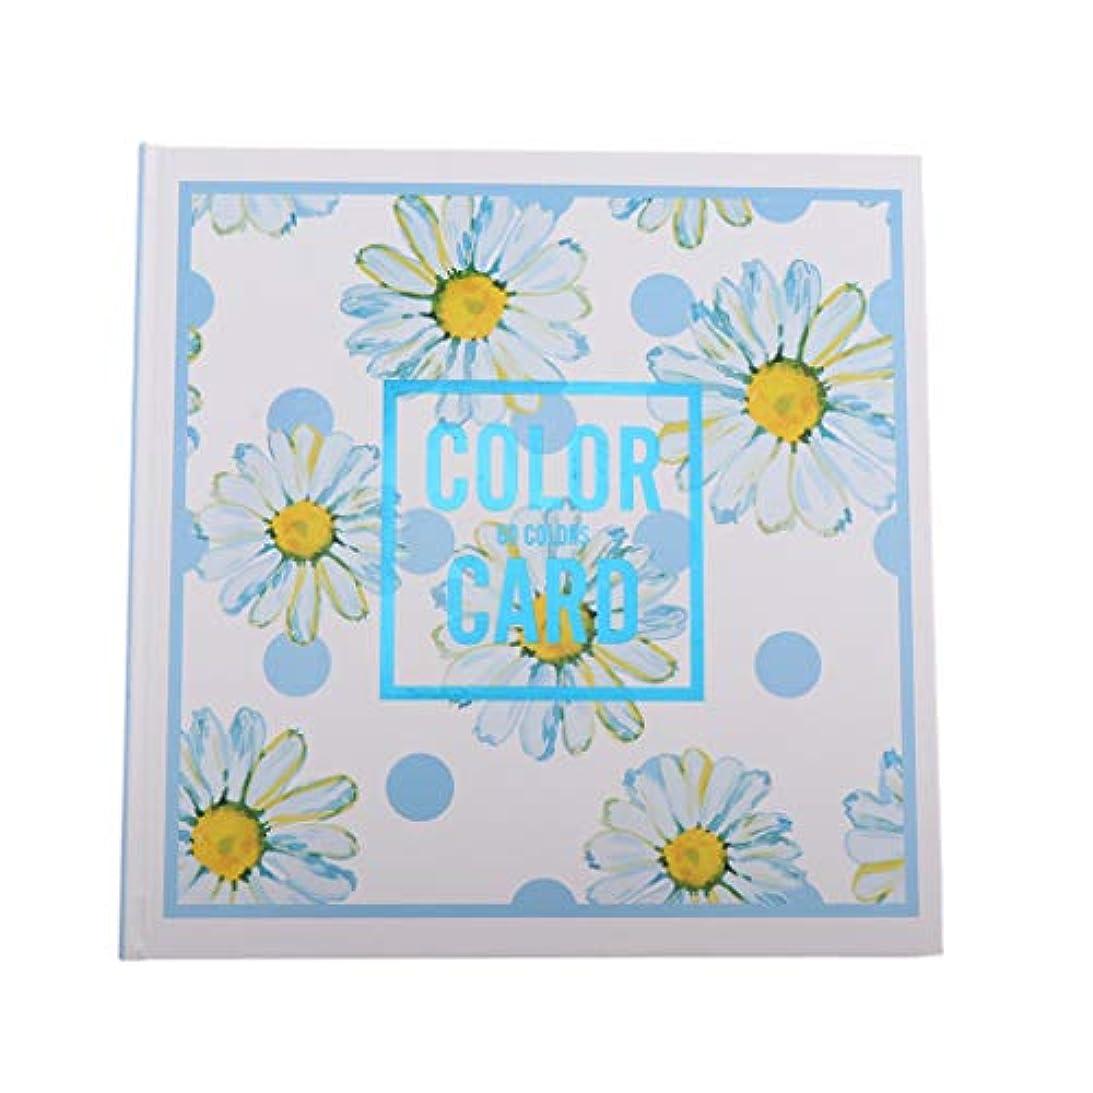 義務づける呼吸する秀でるネイルカラーカードブック ネイルポリッシュ表示 ネイルアート色見本 ネイルアート用 折り畳み式 全3種 - 04